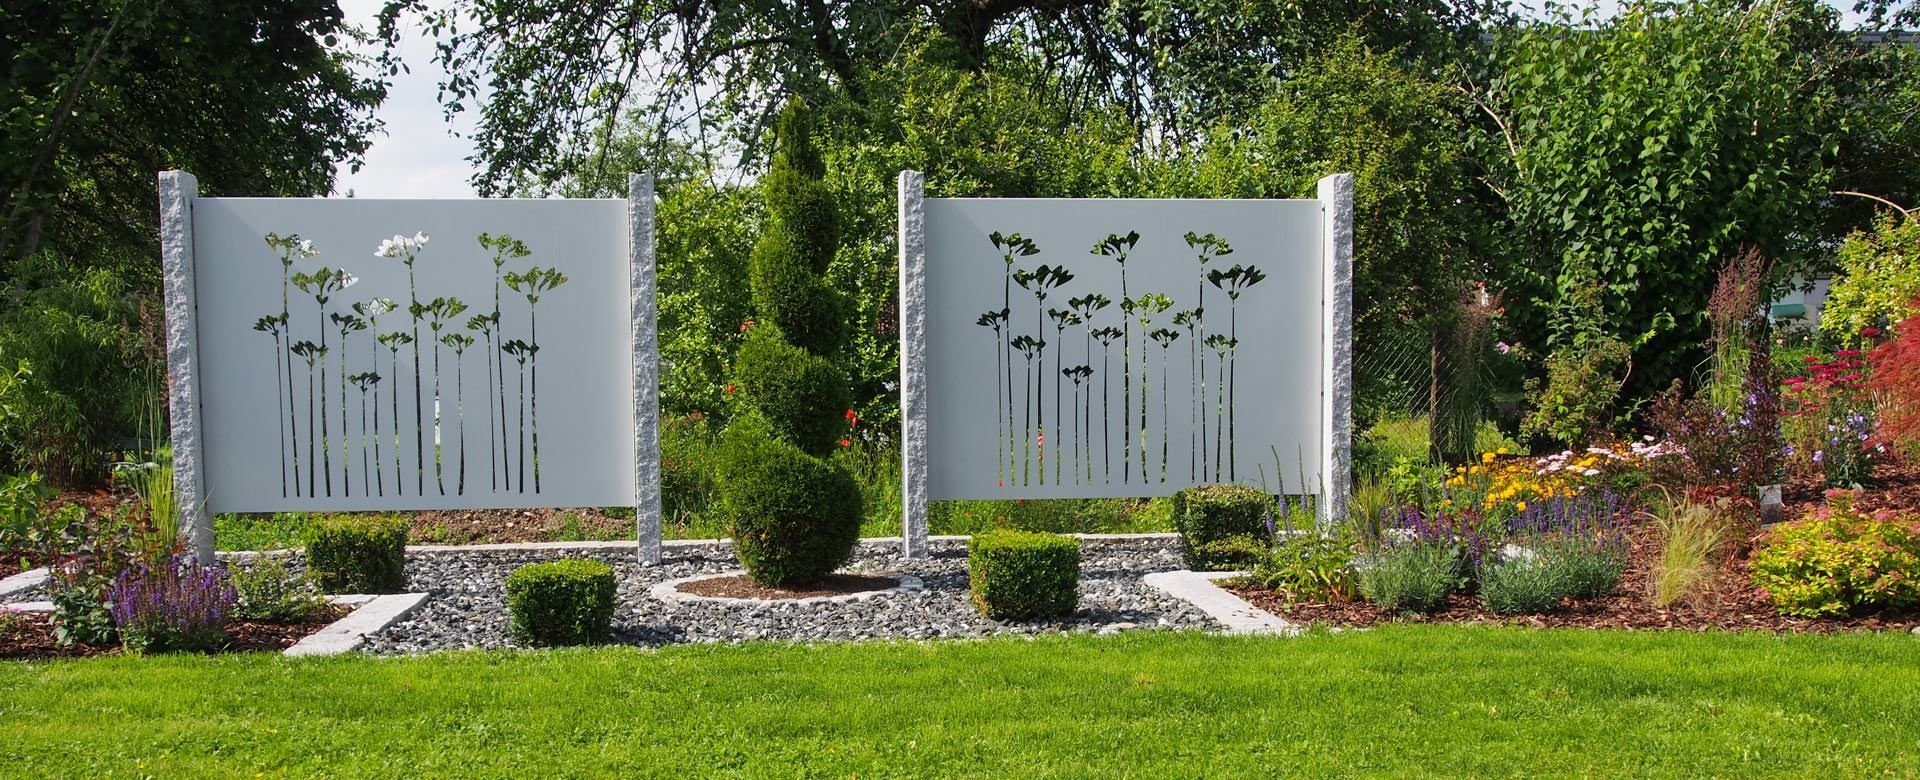 Sichtschutz Garten Niedrig (mit Bildern) Sichtschutz